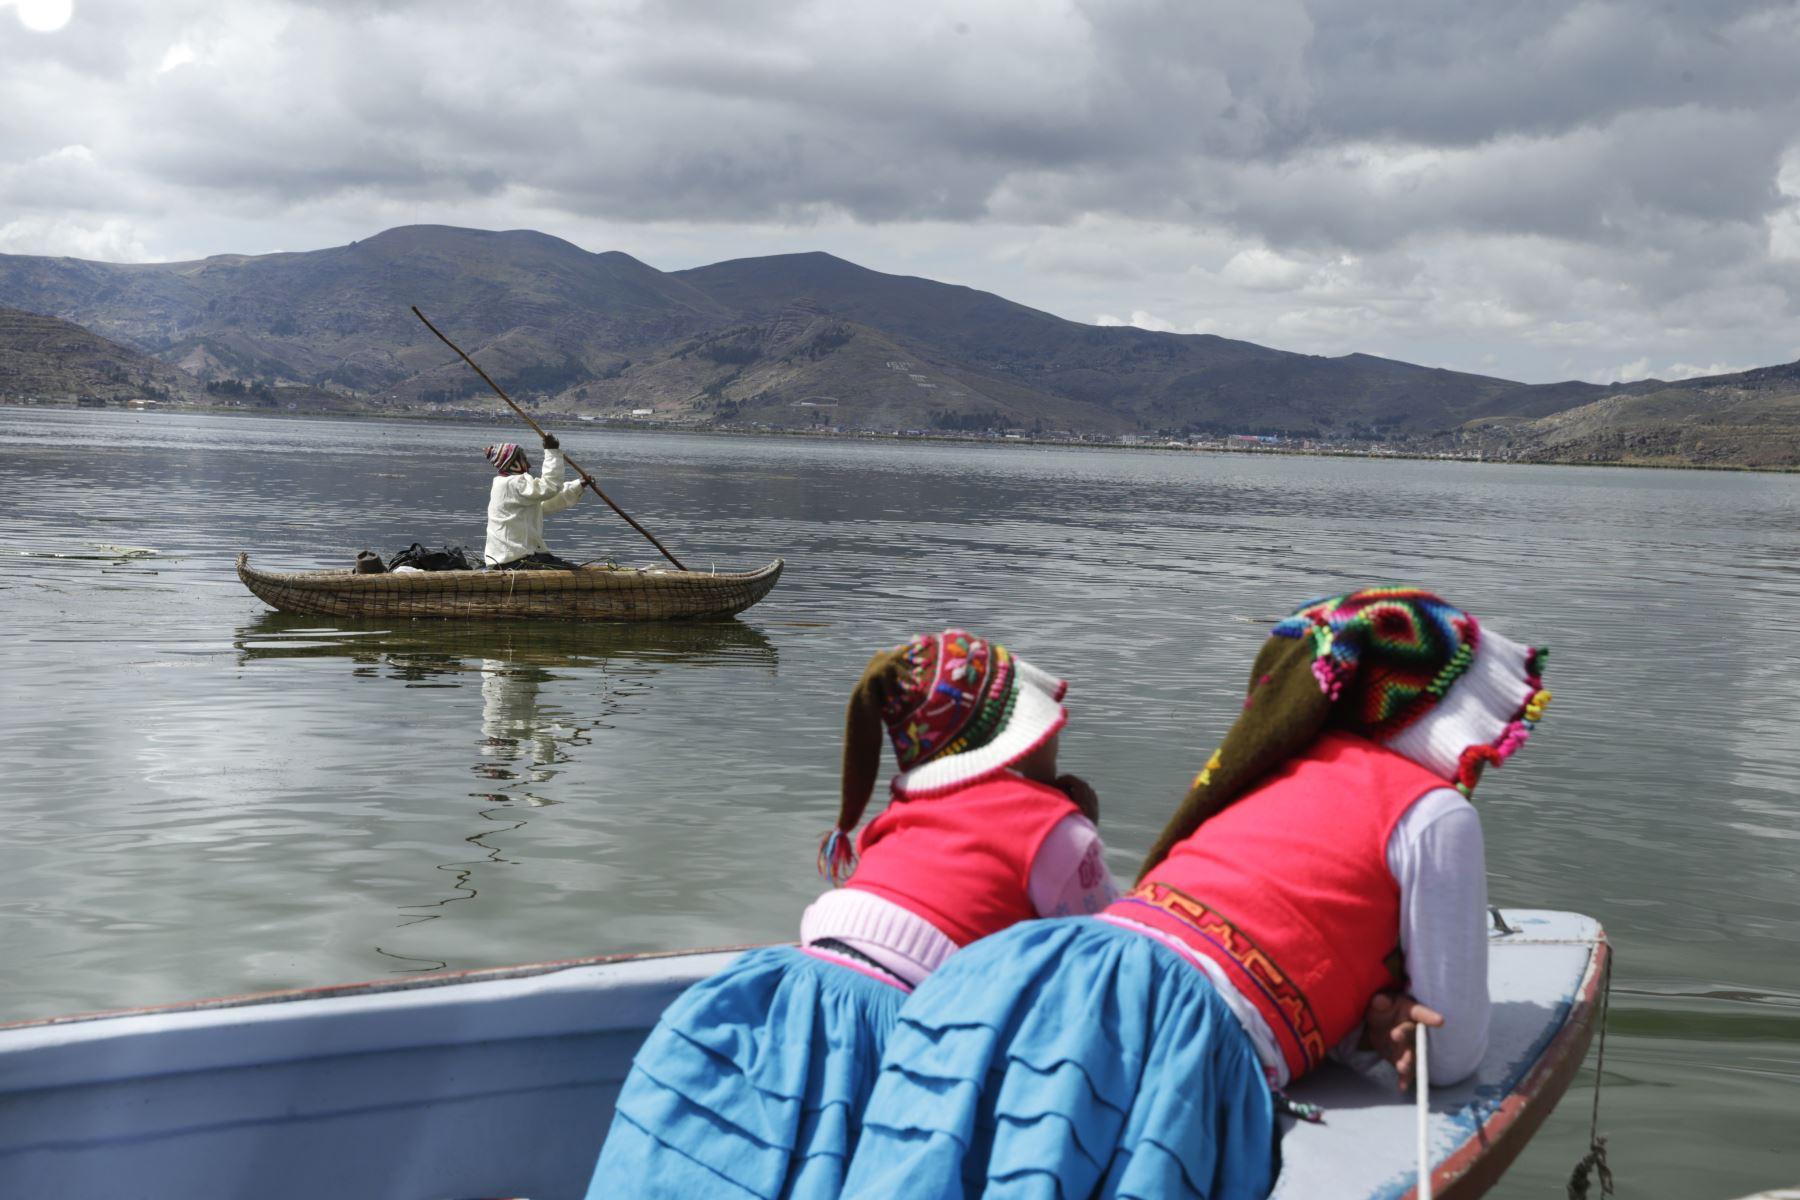 El Minam remarcó la necesidad de iniciar el proceso de recuperación ambiental del lago Titicaca, mediante el uso adecuado de tecnologías descontaminantes. Foto: ANDINA/Melina Mejía